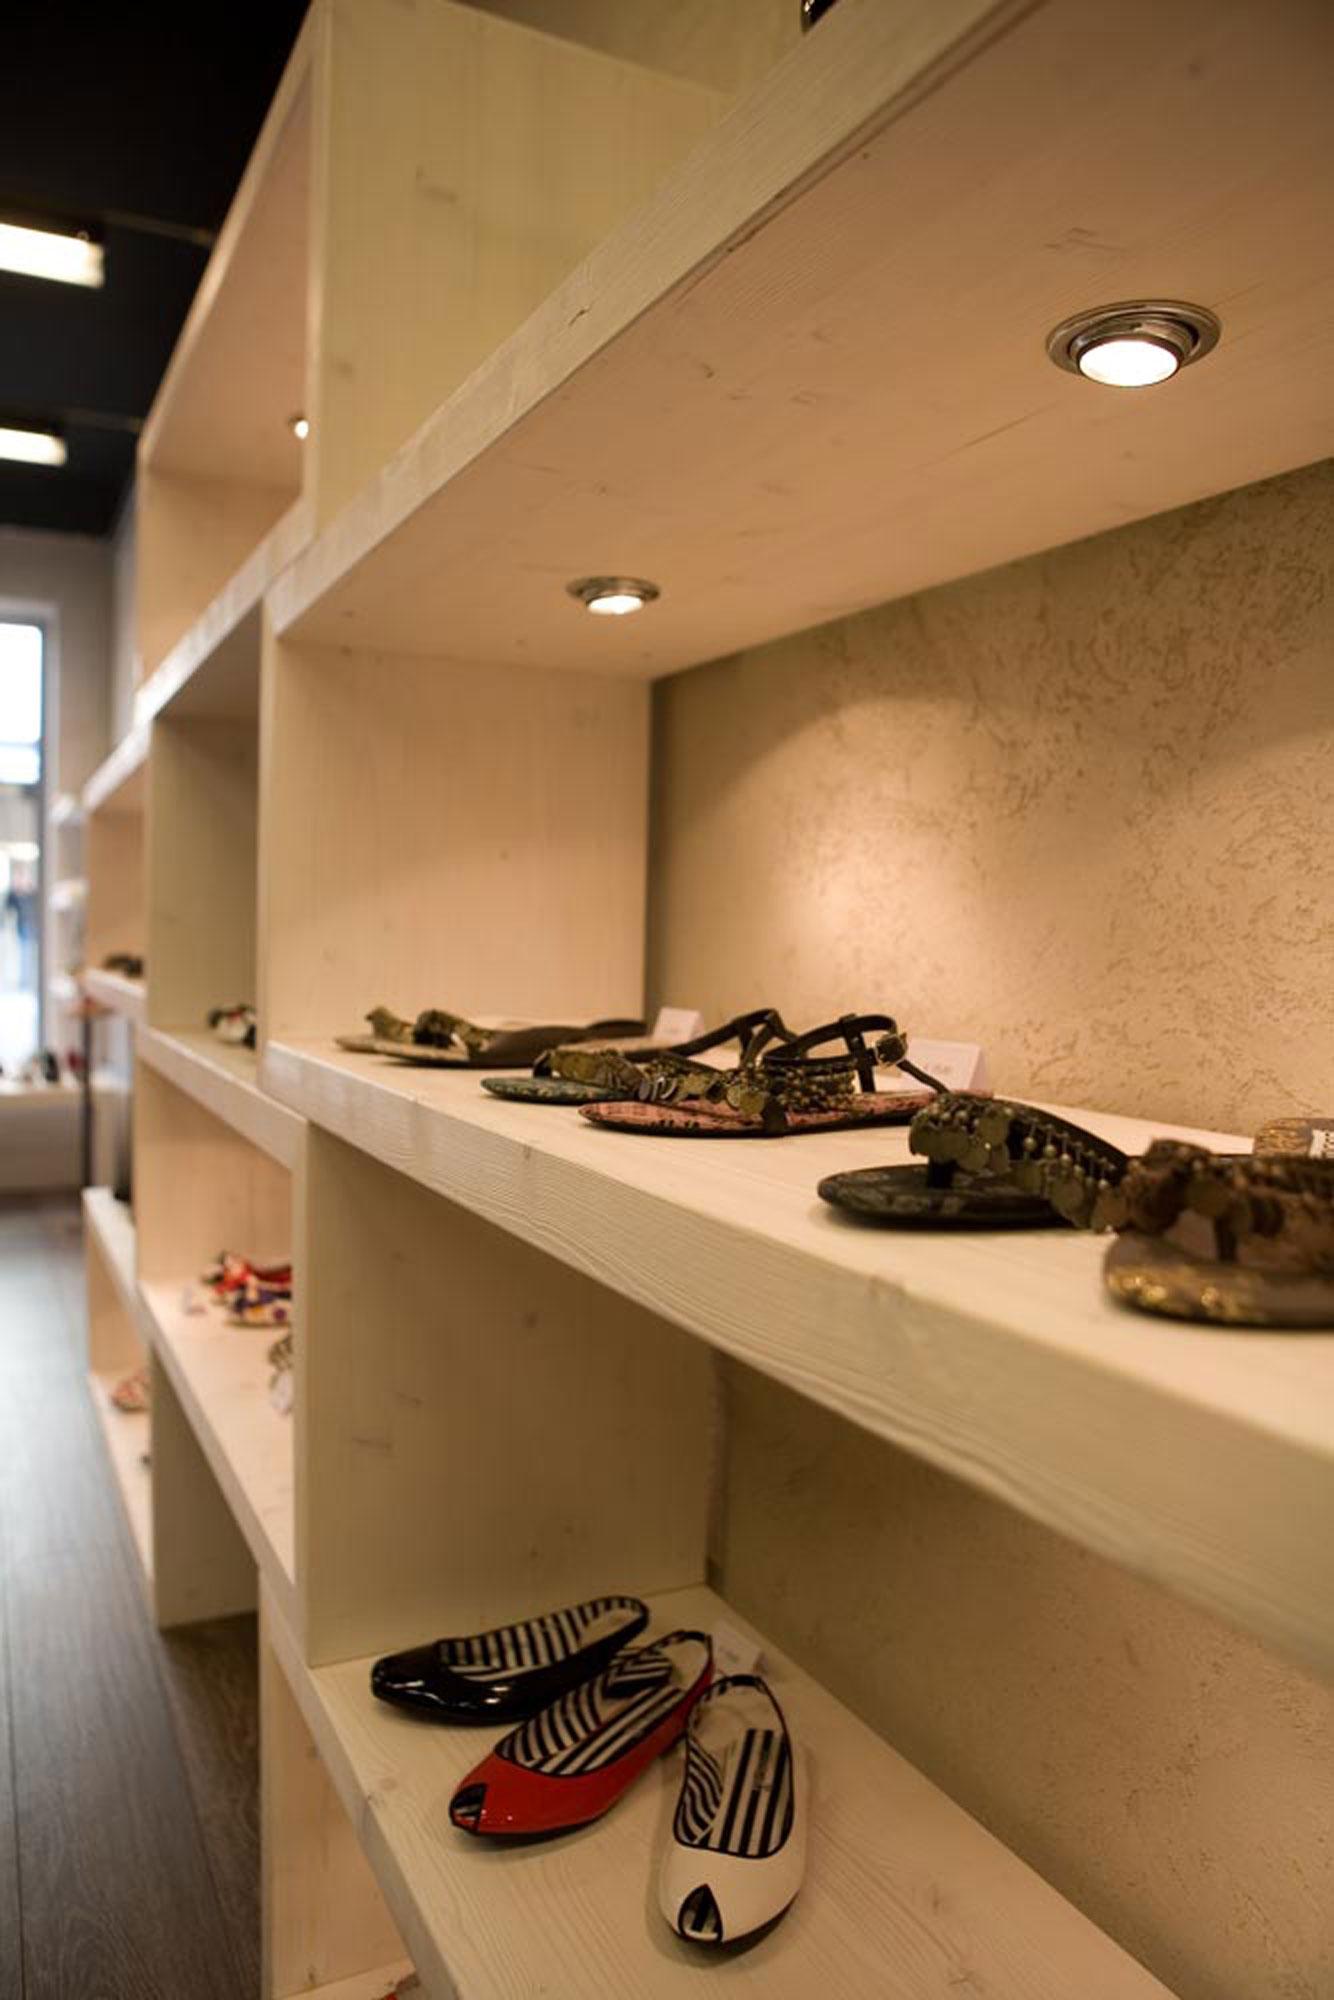 gm calzature villafranca 12 gm arredamenti